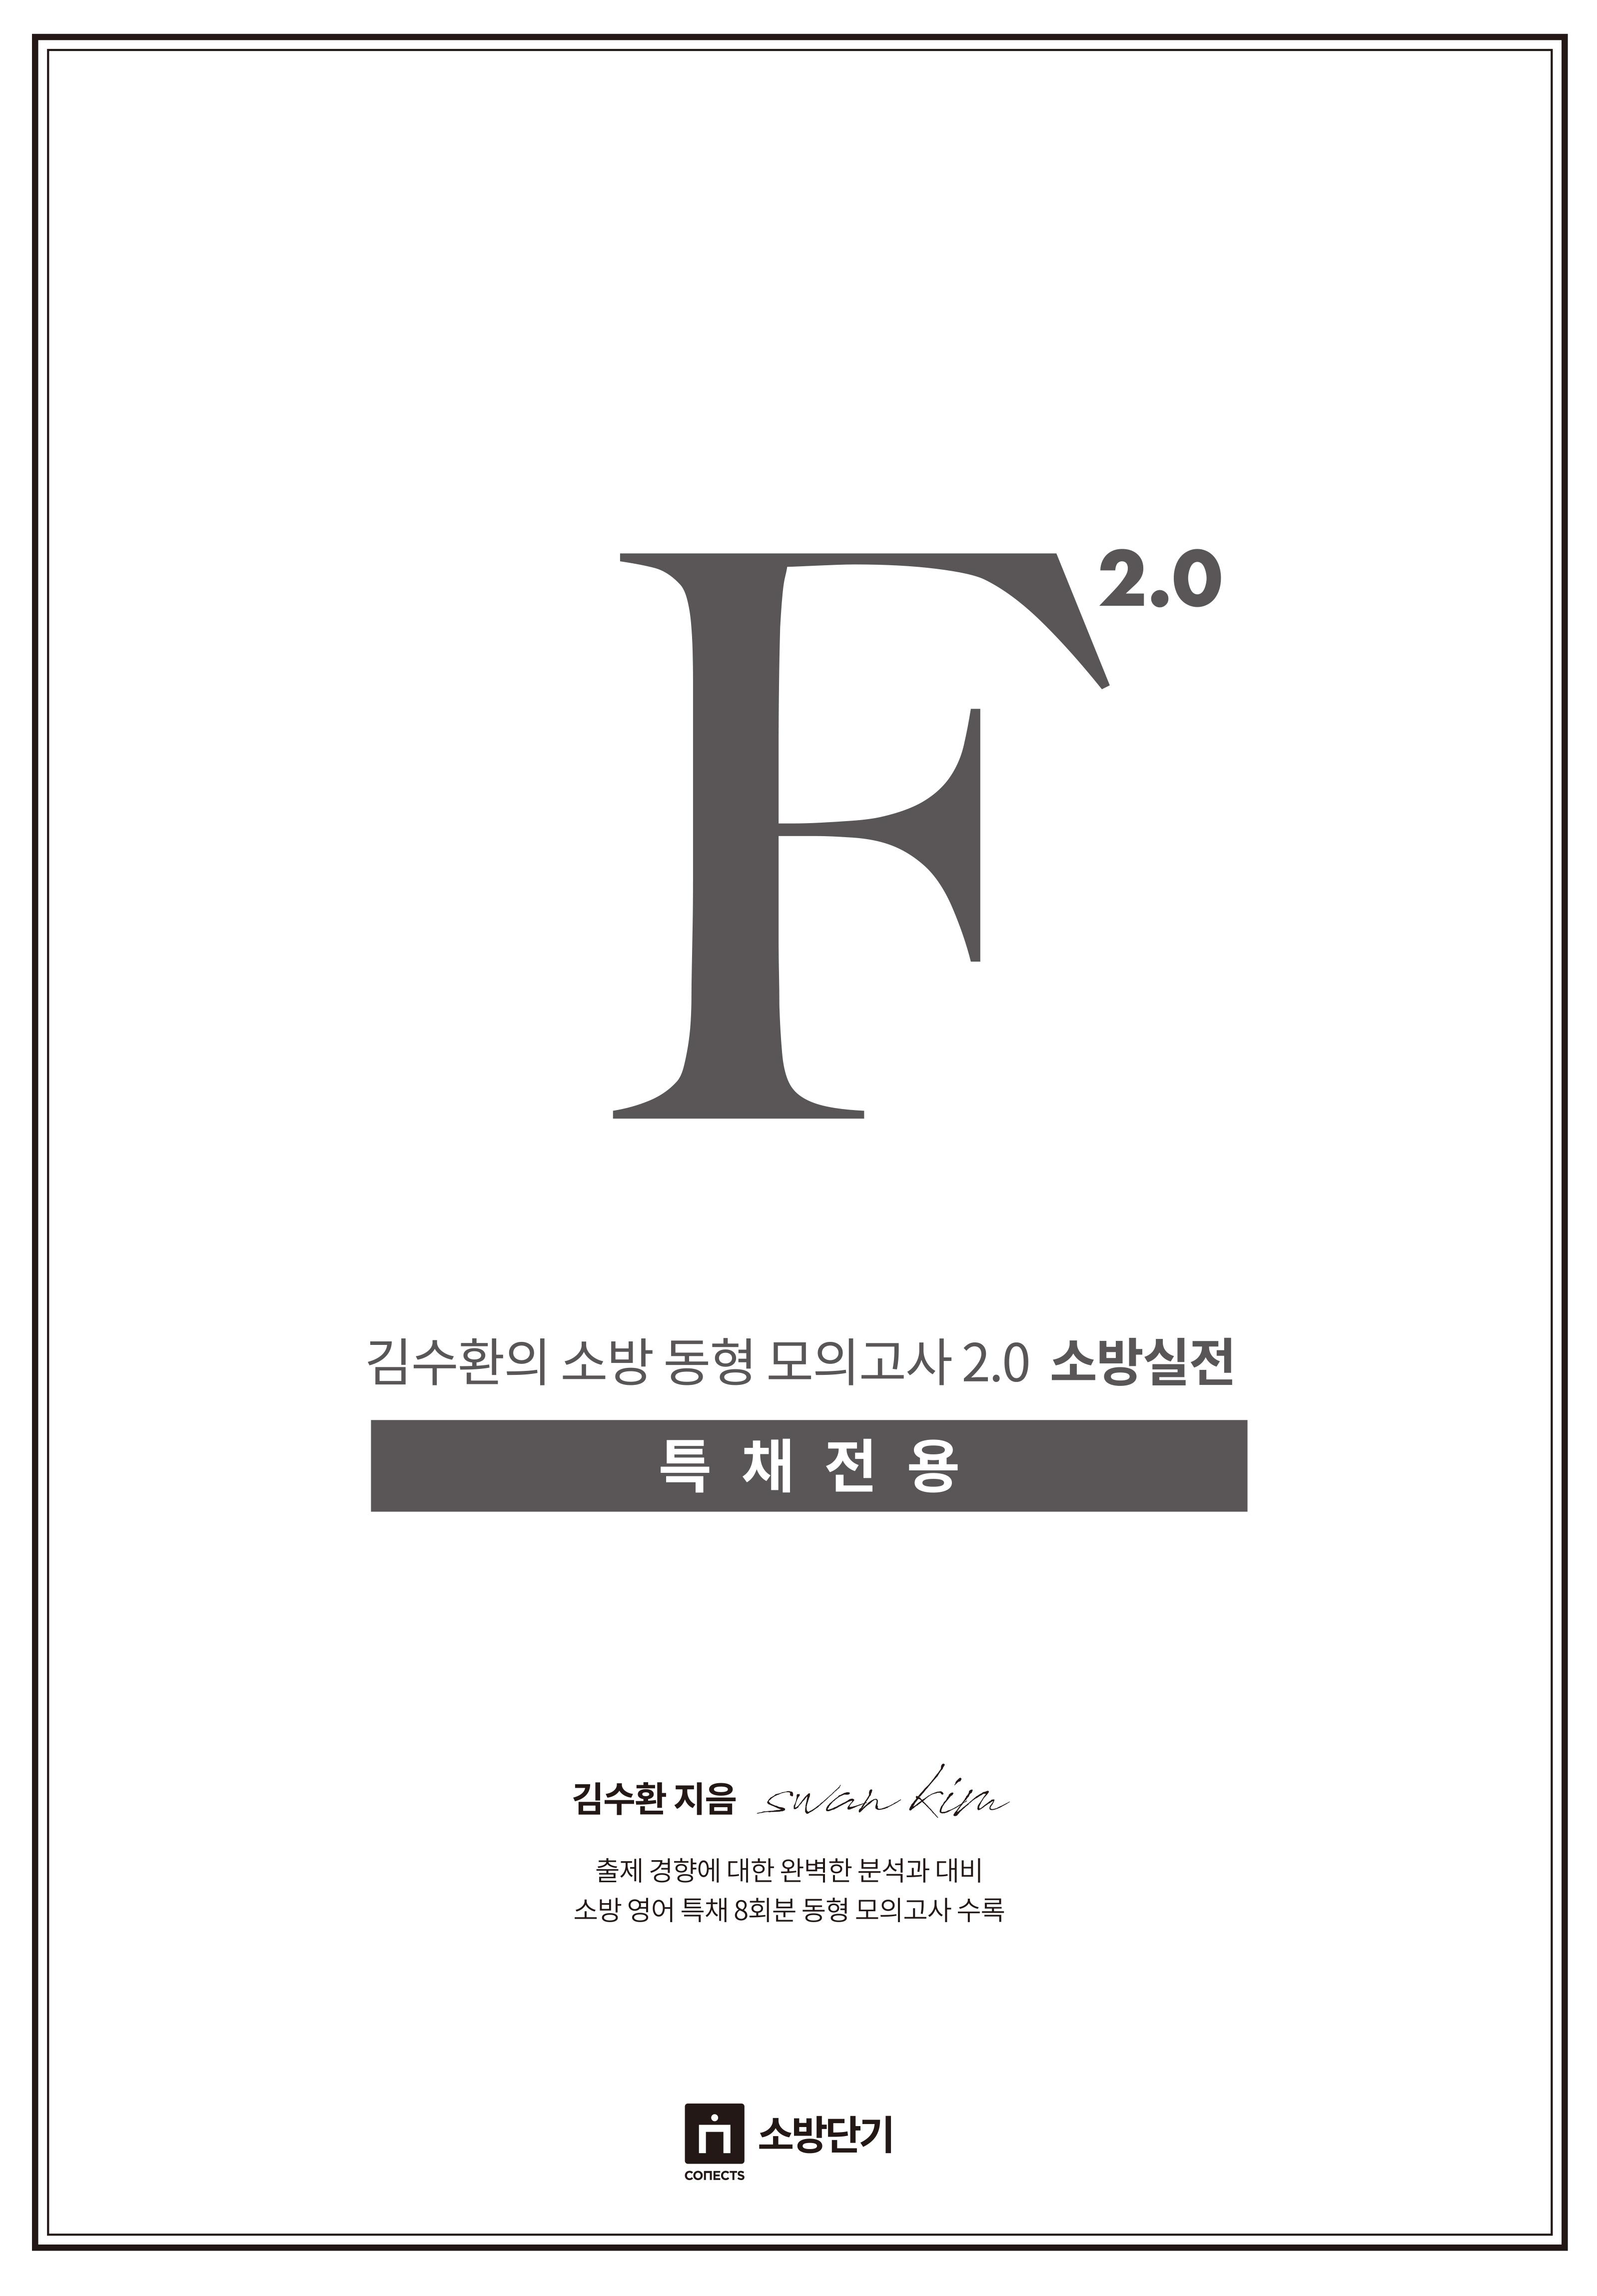 김수환의 소방 동형모의고사 F 2.0 소방실전 [특채전용]